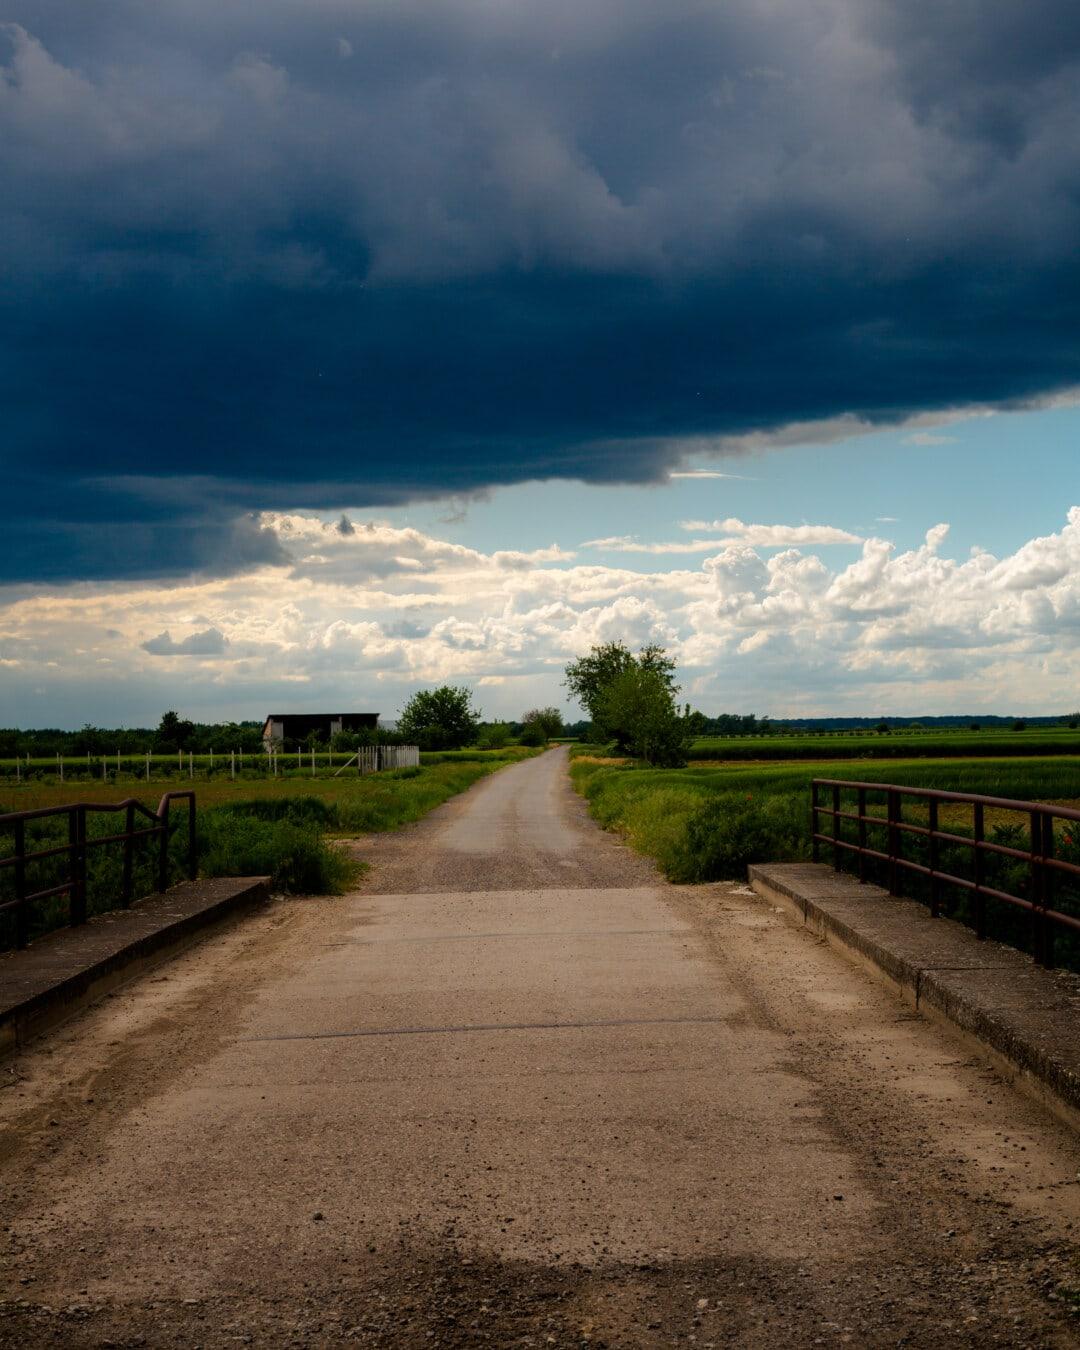 asphalte, chaussée, Itinéraire, dramatique, mauvais temps, pont, paysage, piste, rue, nature